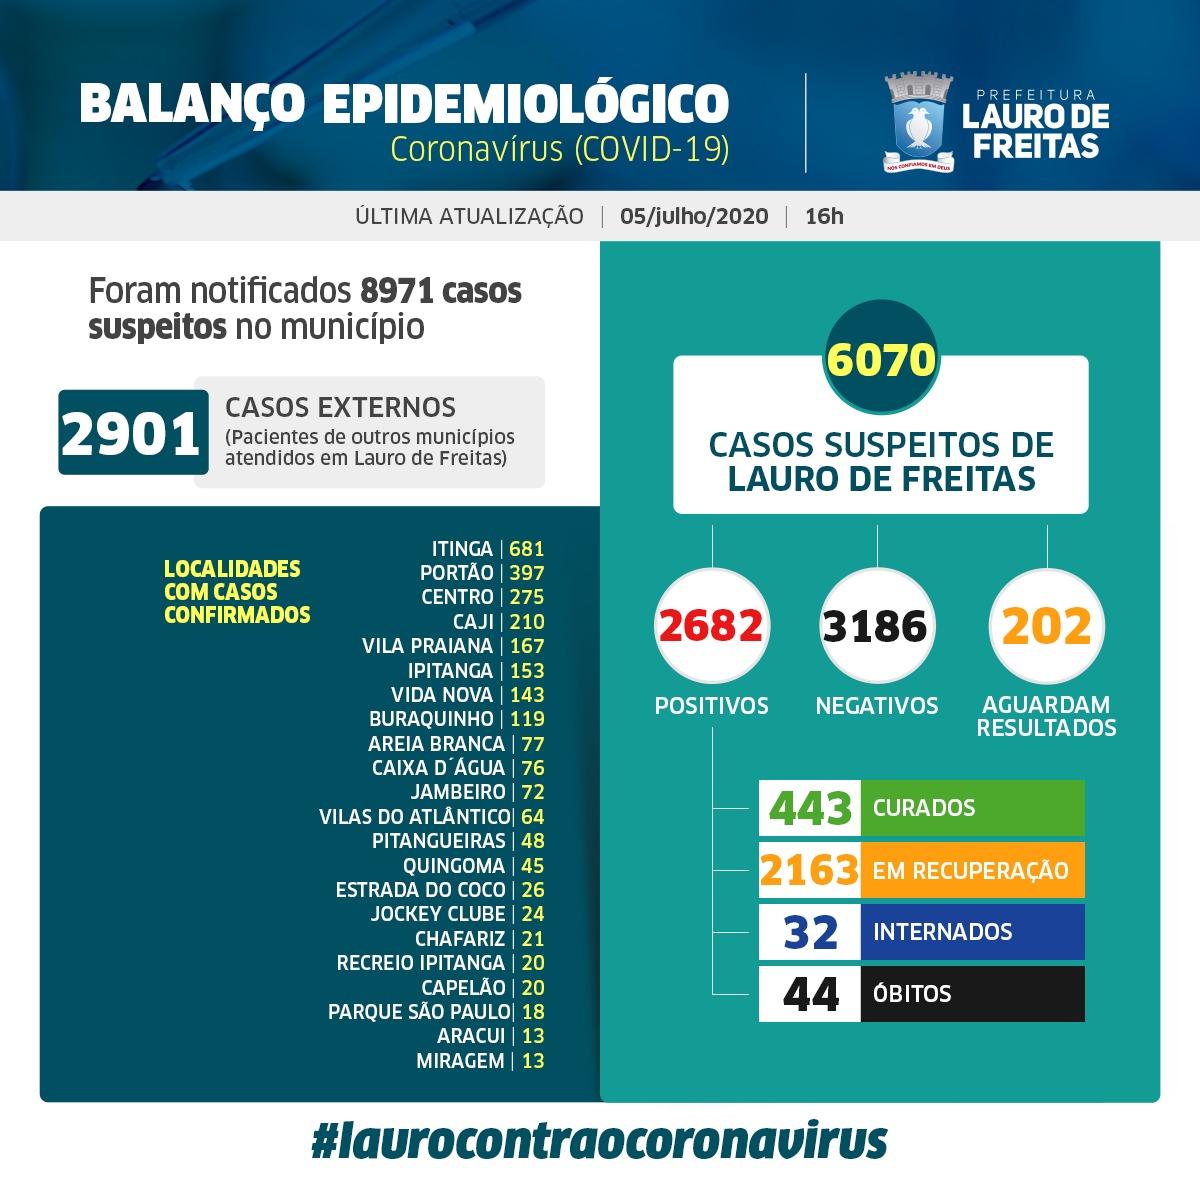 Lauro de Freitas registra 2682 casos de coronavírus com 443 pessoas curadas